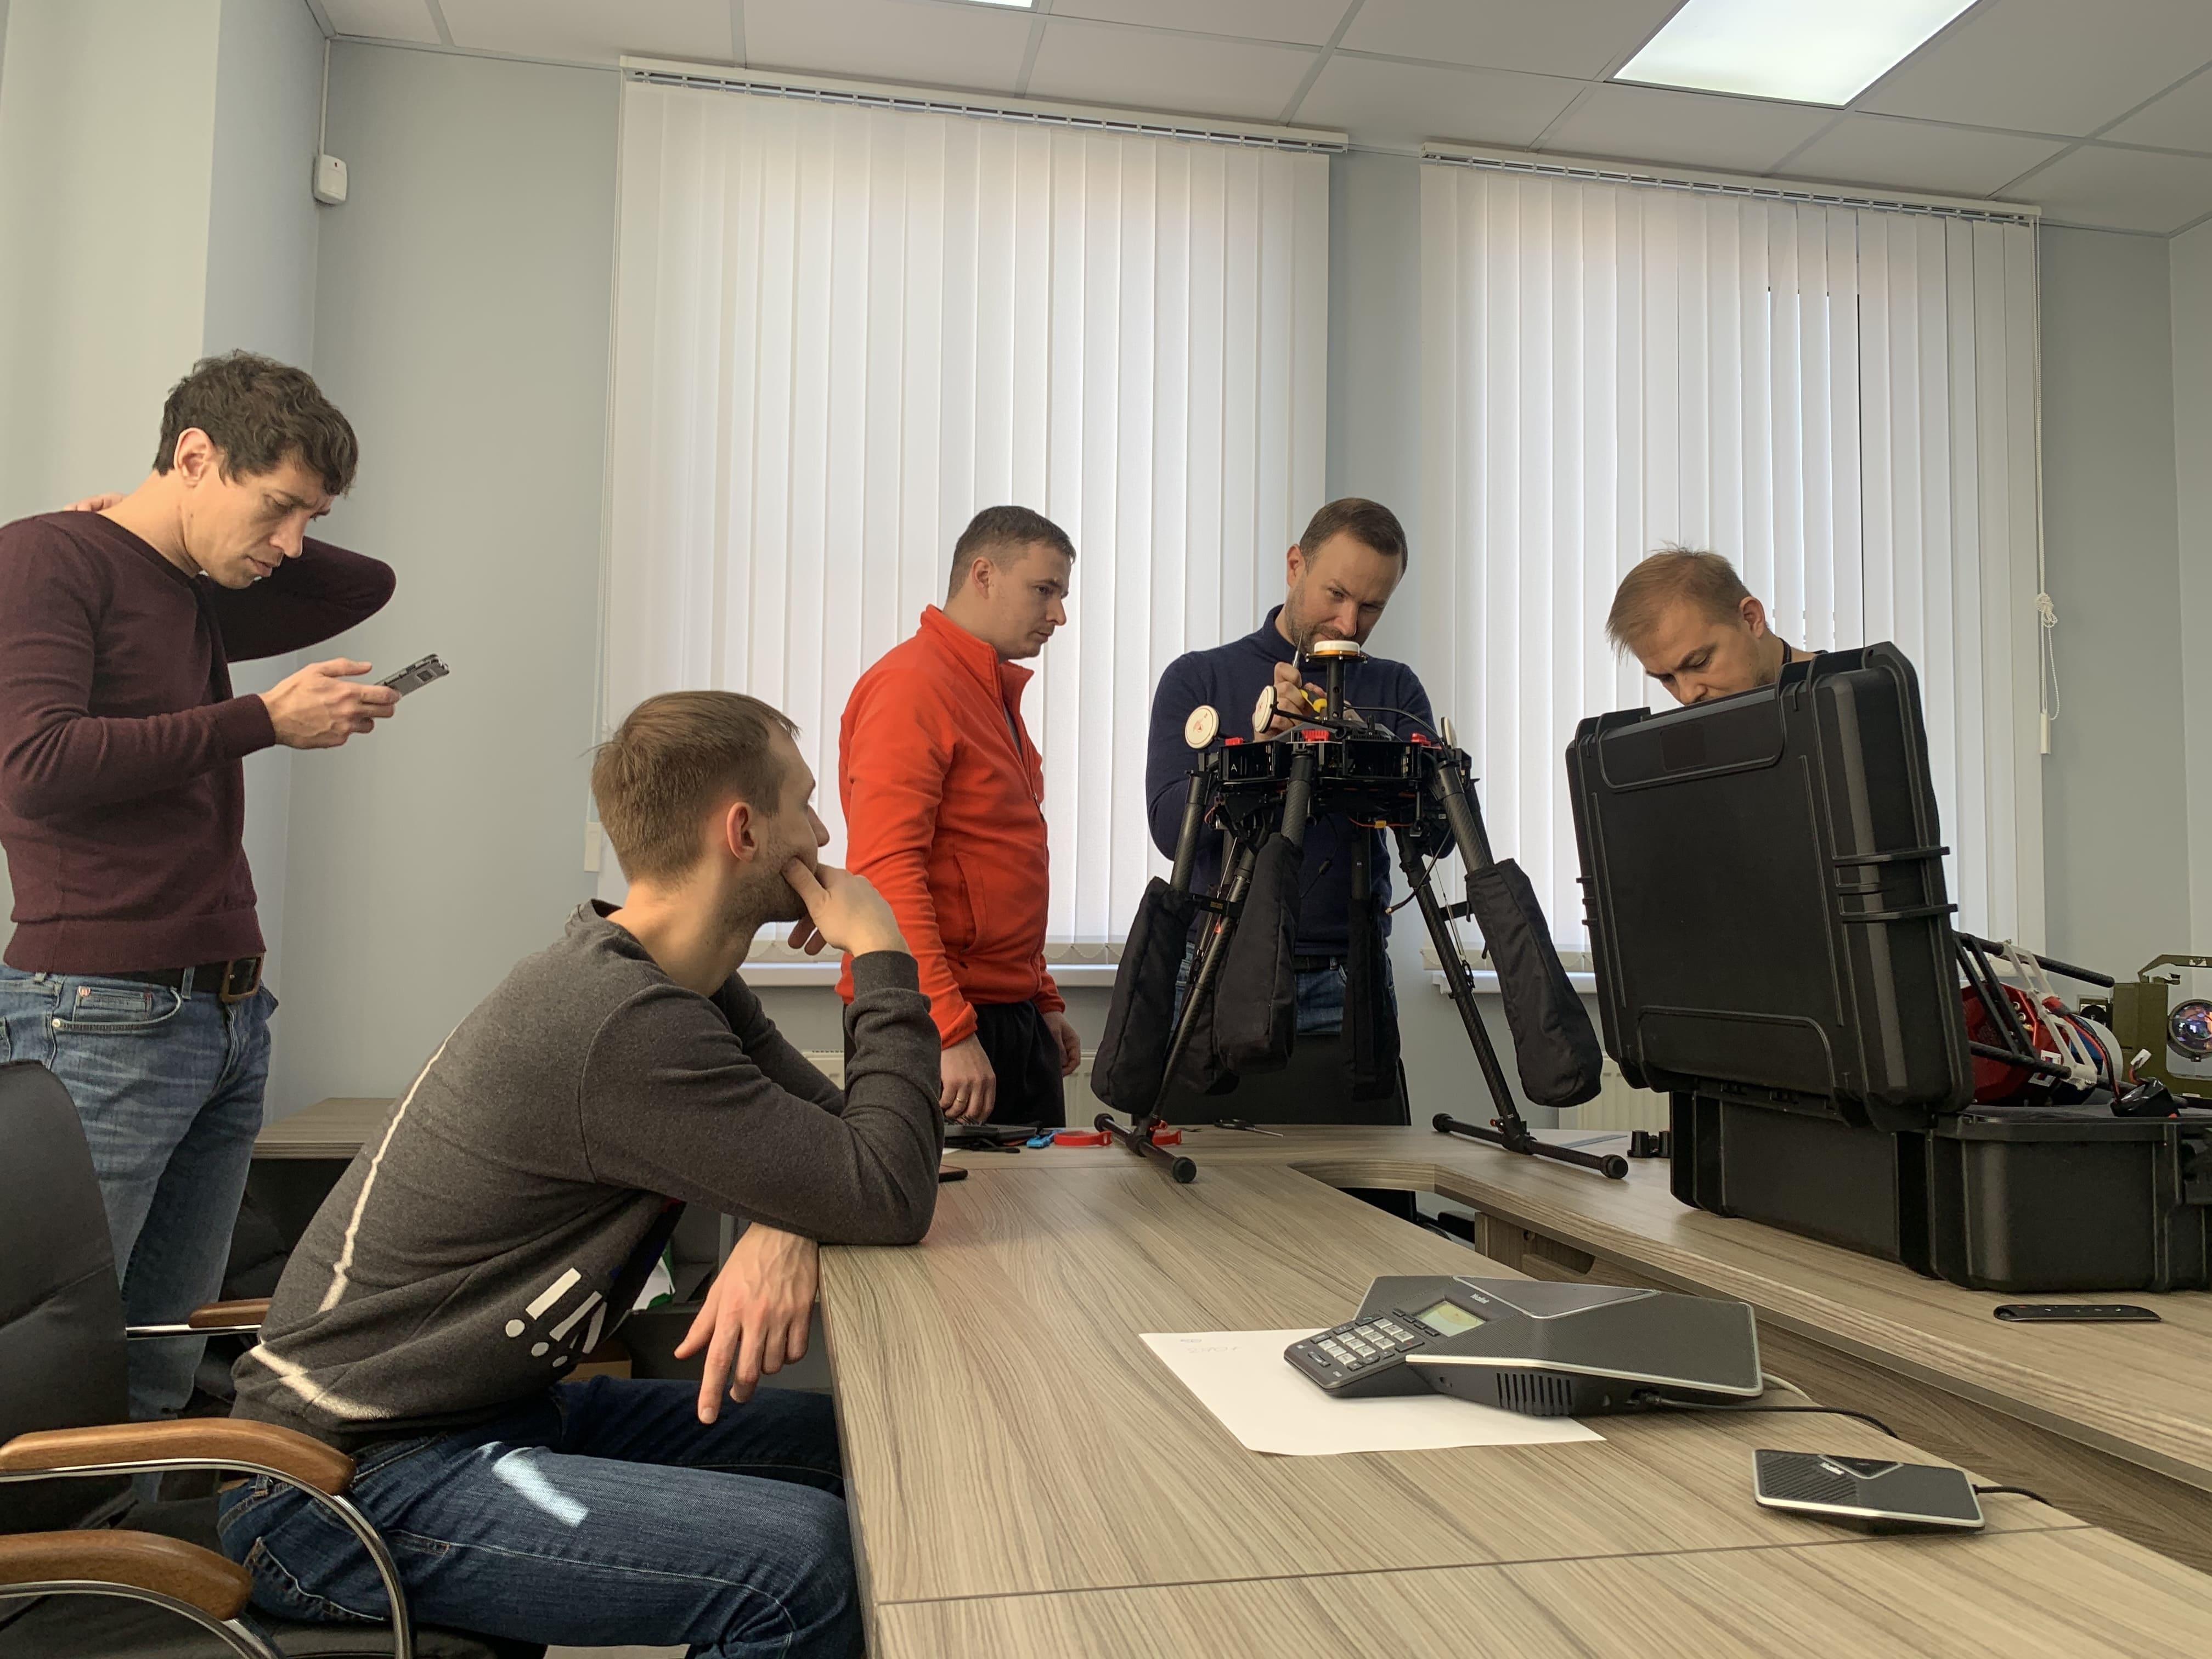 При содействии ИППК КубГУ состоялось обучение по программе использования воздушных лазерных сканеров для беспилотников